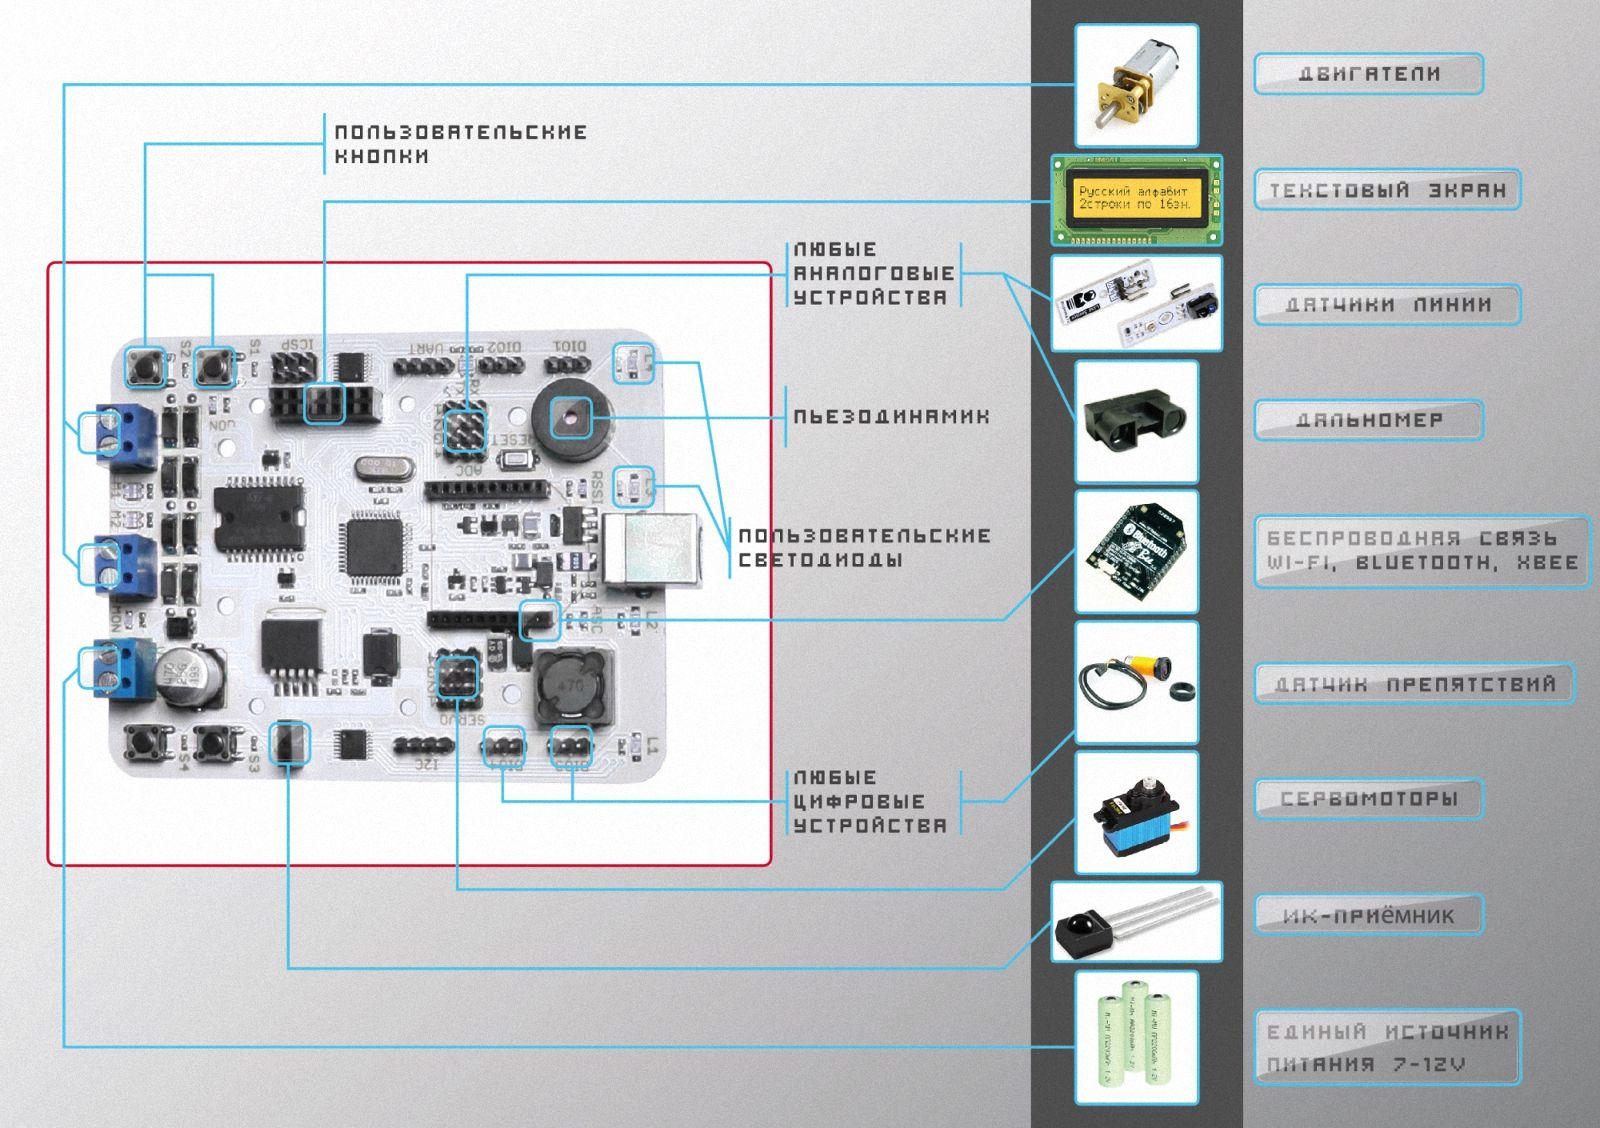 Дизайн-верстка изображения для листовки - дизайнер voenerges